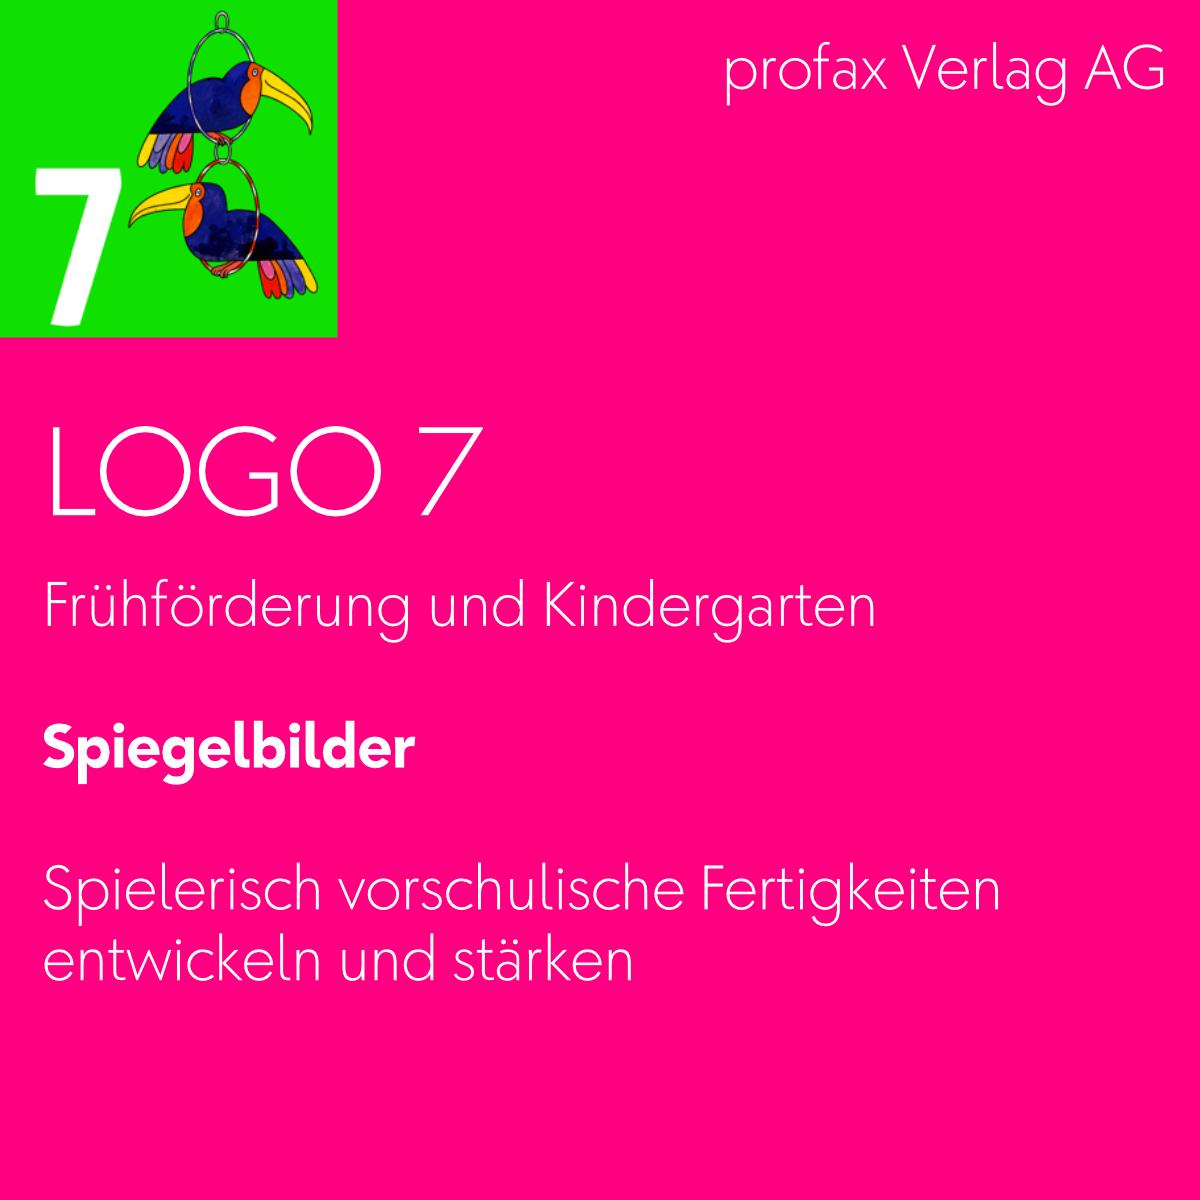 LOGO 7 – Spiegelbilder